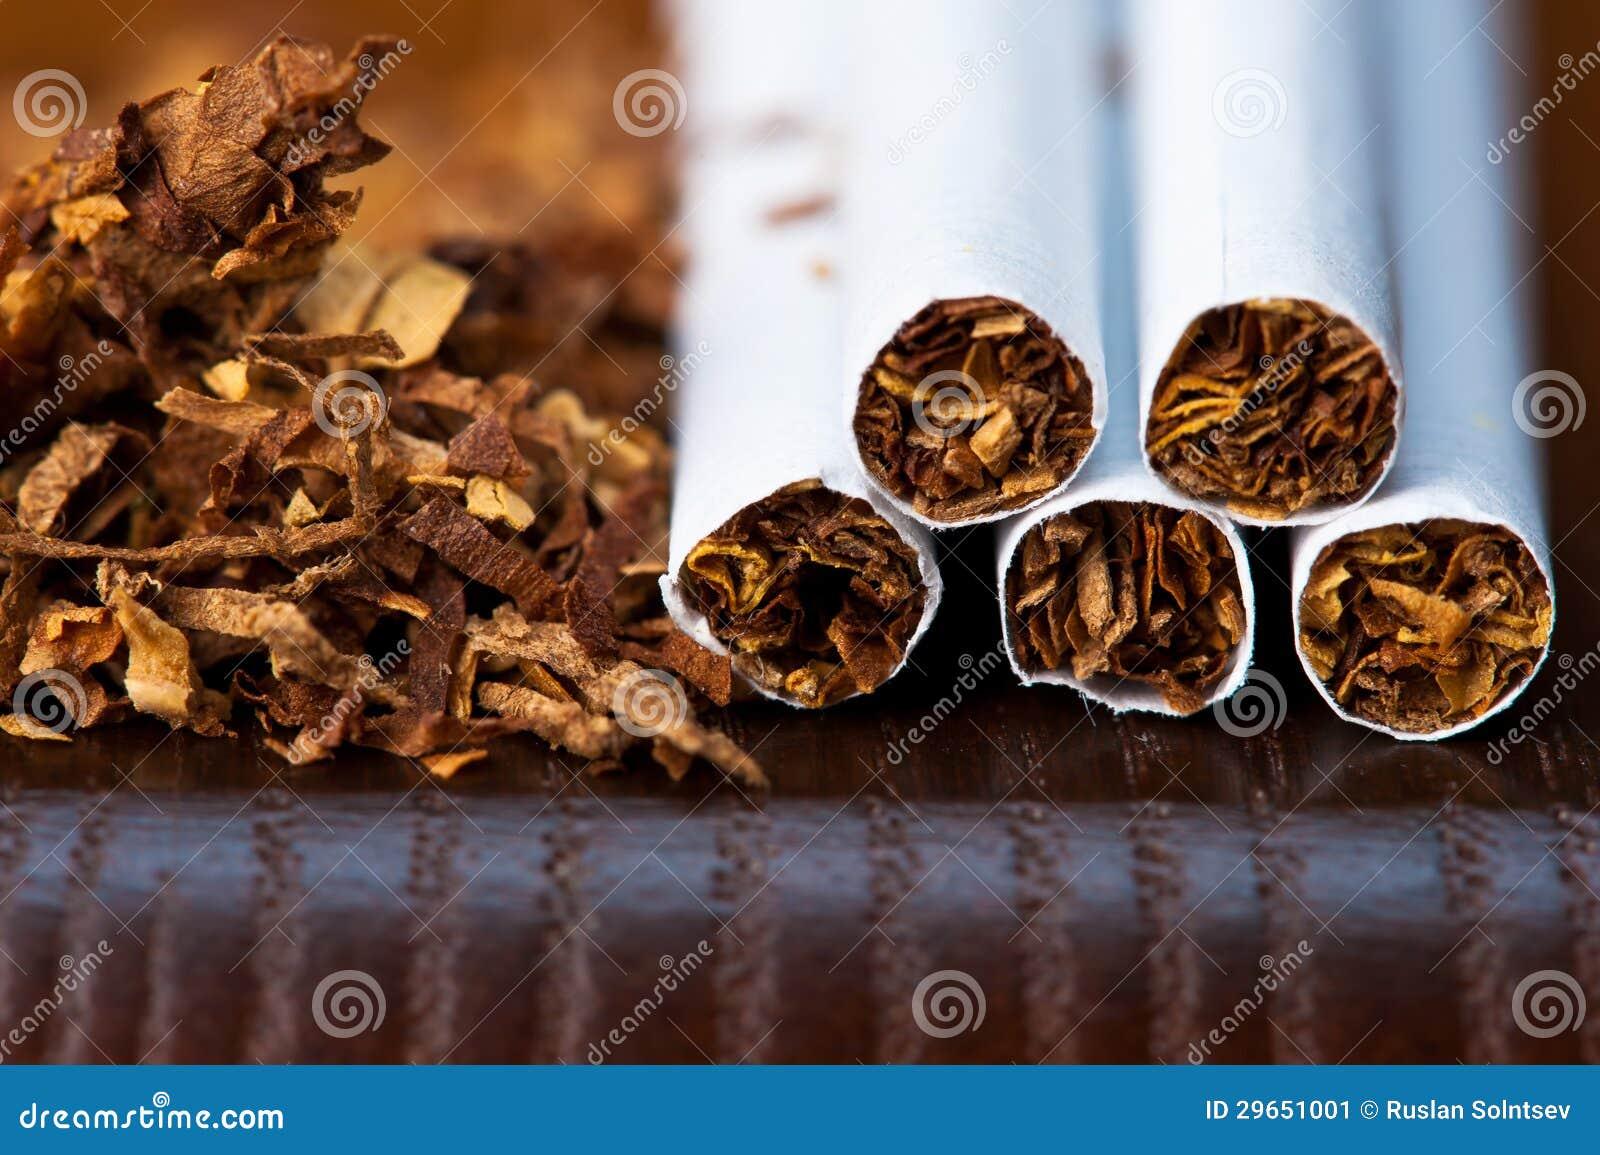 Донтабак сигареты оптом купить оптом одноразовые электронные сигареты дешево